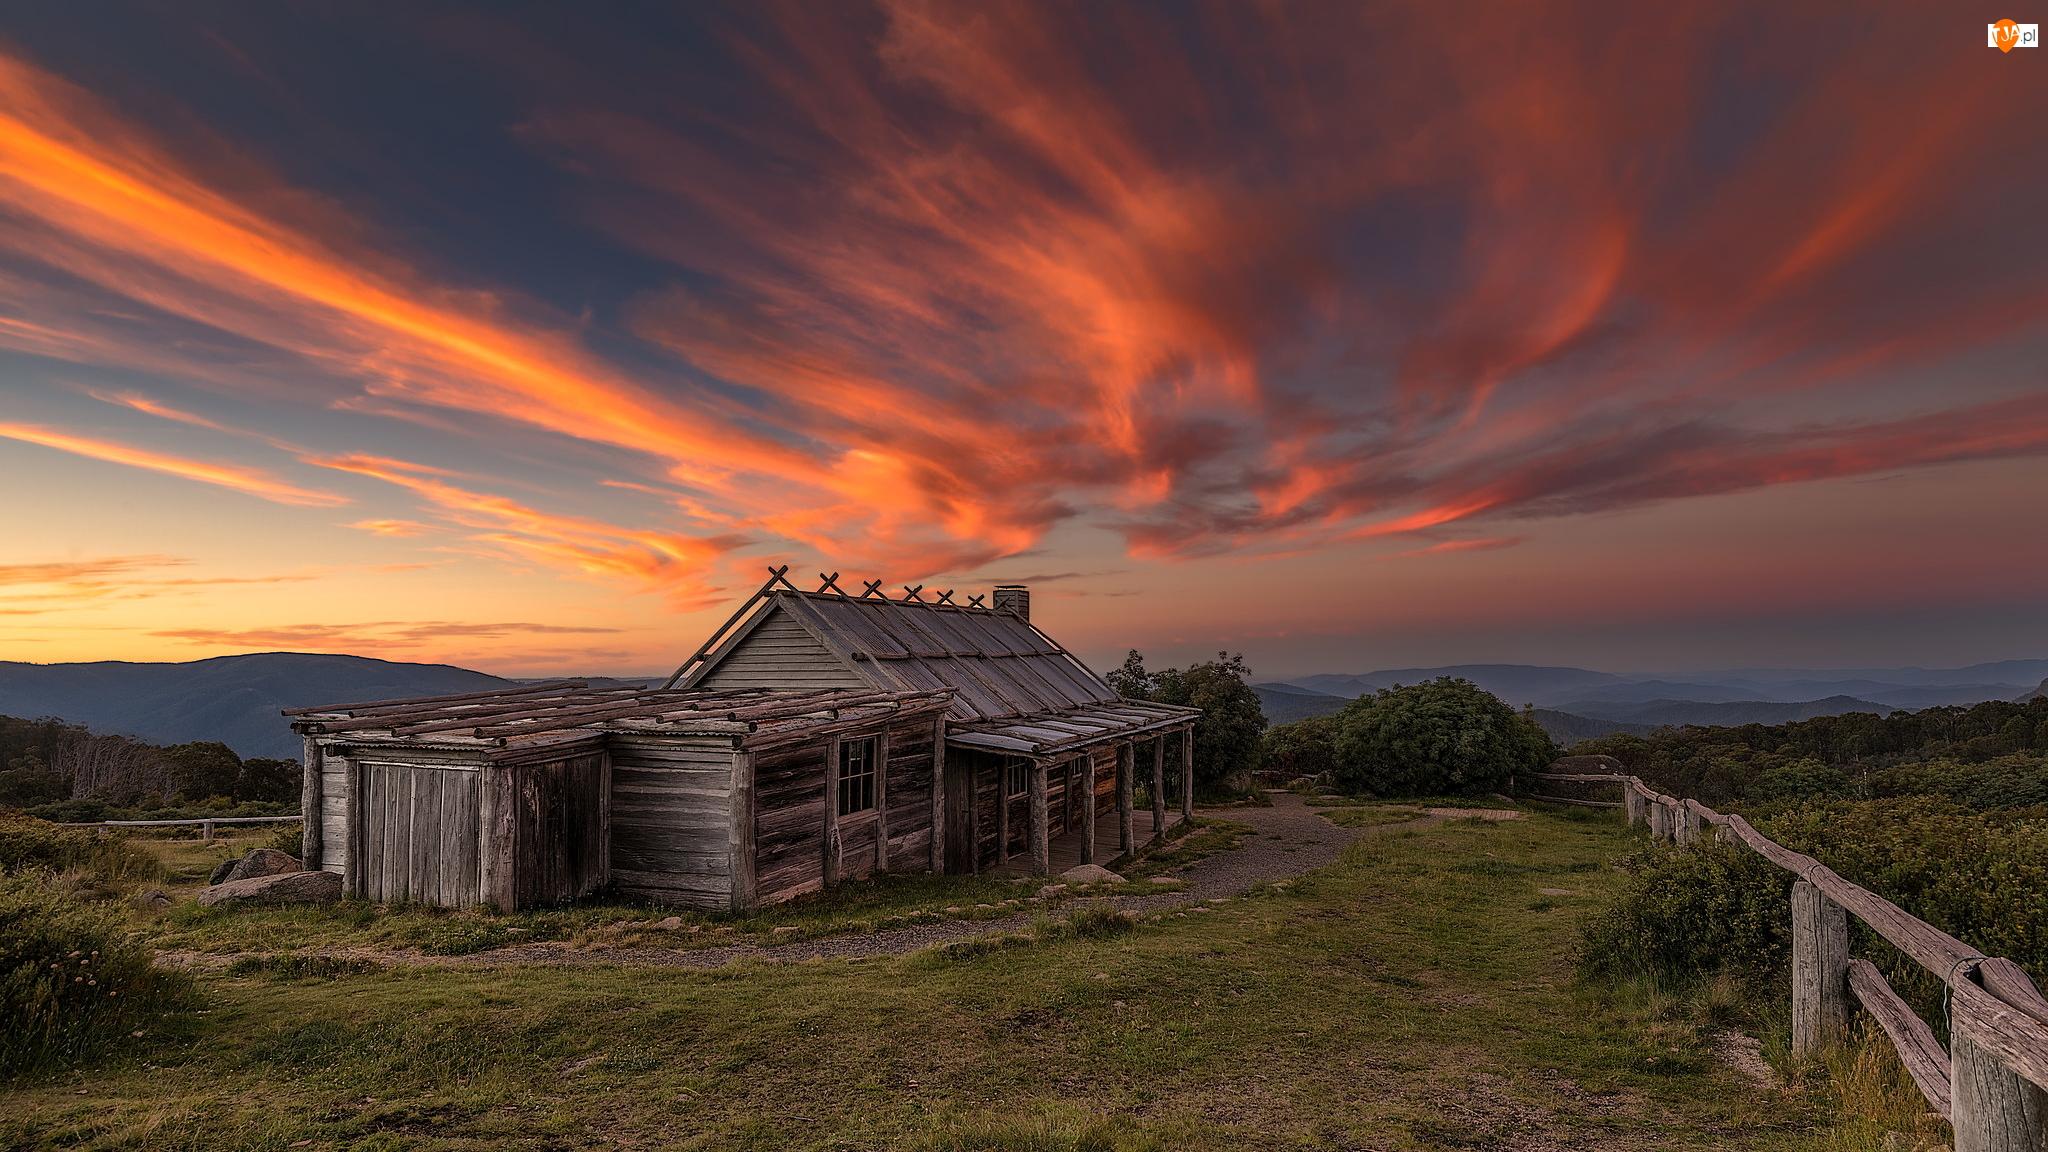 Mount Stirling, Chmury, Góra, Australia, Wieś Wabonga, Zachód słońca, Dom, Szczyt, Drewniany, Chatka Craiga, Płot, Stan Wiktoria